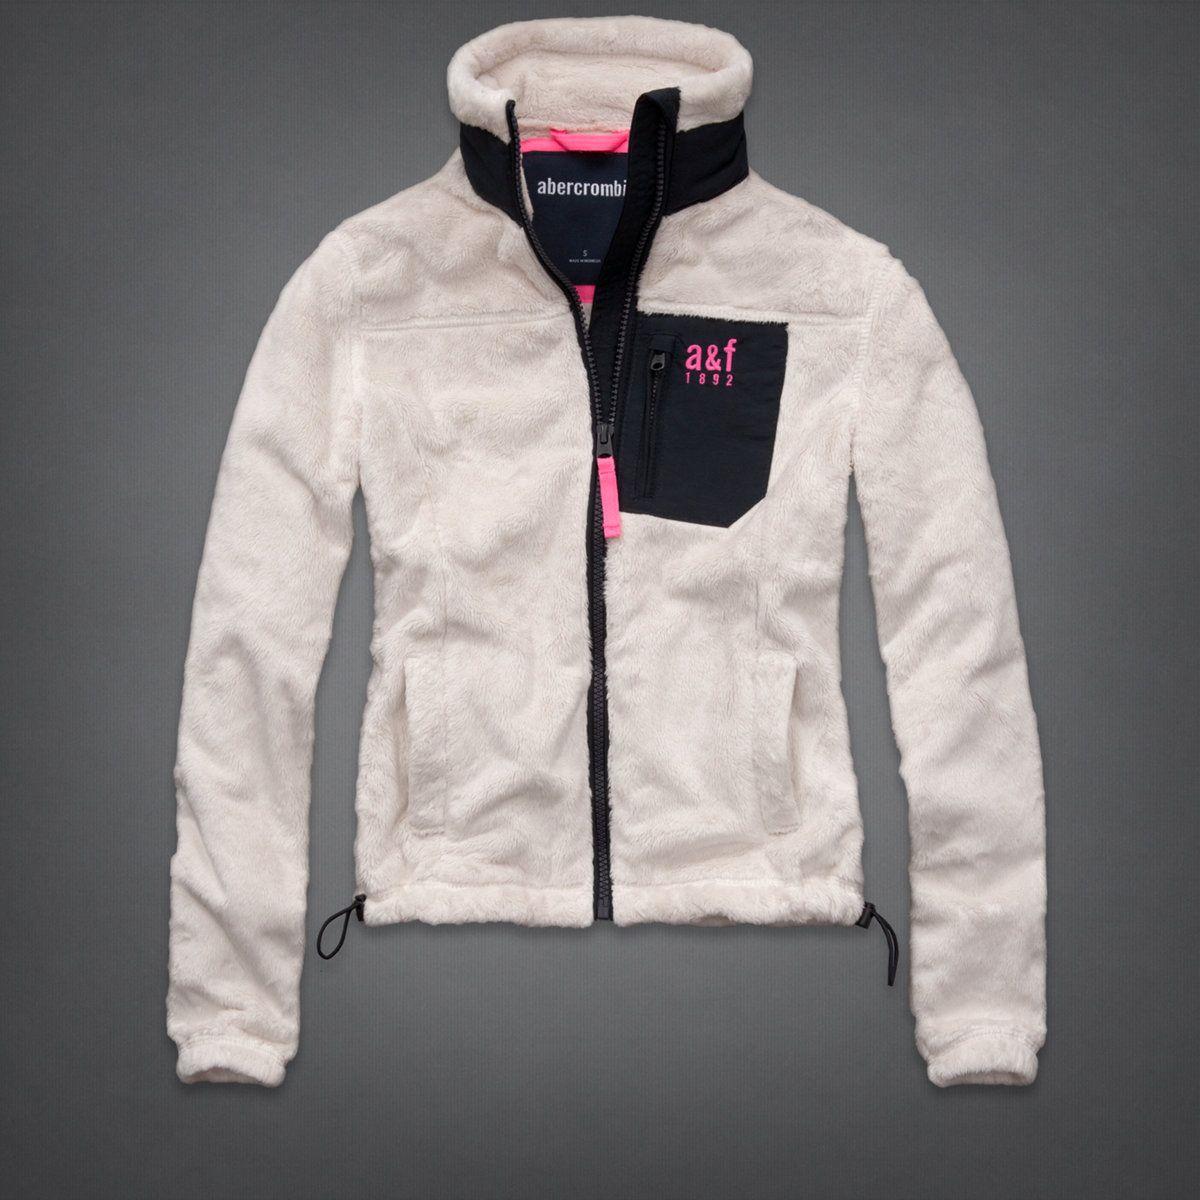 9d12e7553 abercrombie kids a f mountain fleece jacket in cream